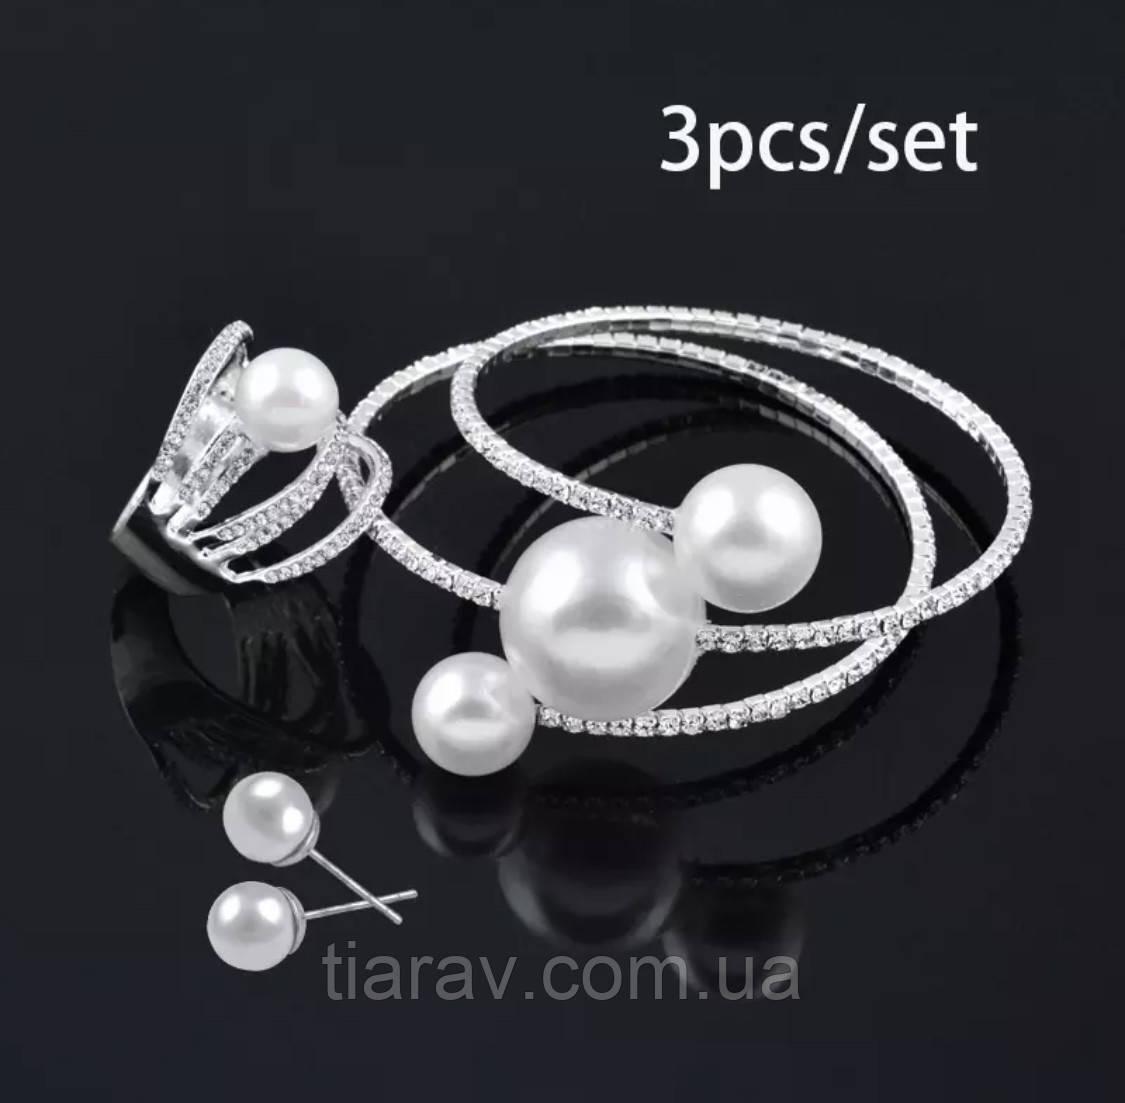 Набор бижутерии, браслет кольцо и серьги, украшения